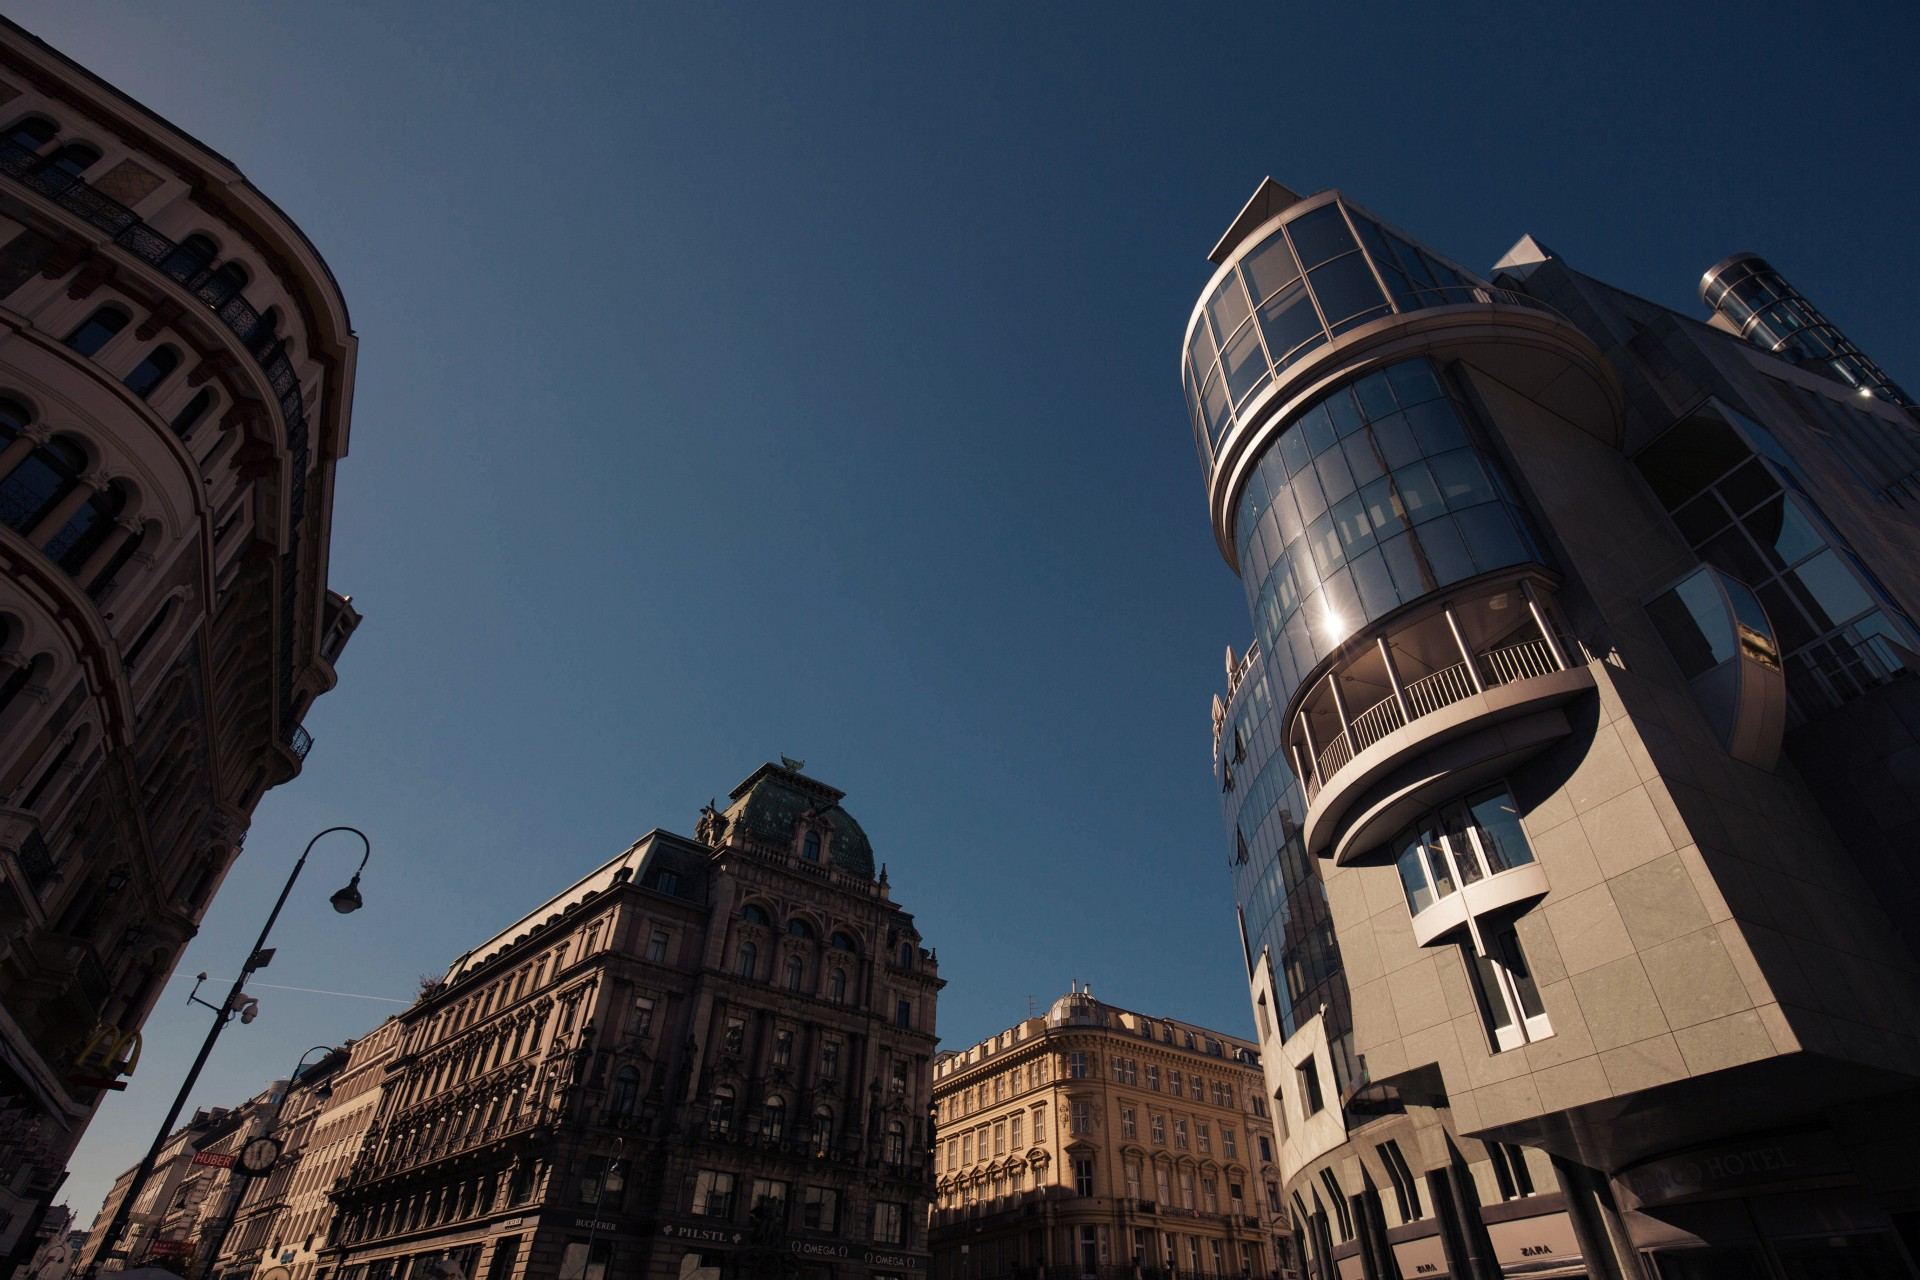 Wien__MGL7013_1920x1280